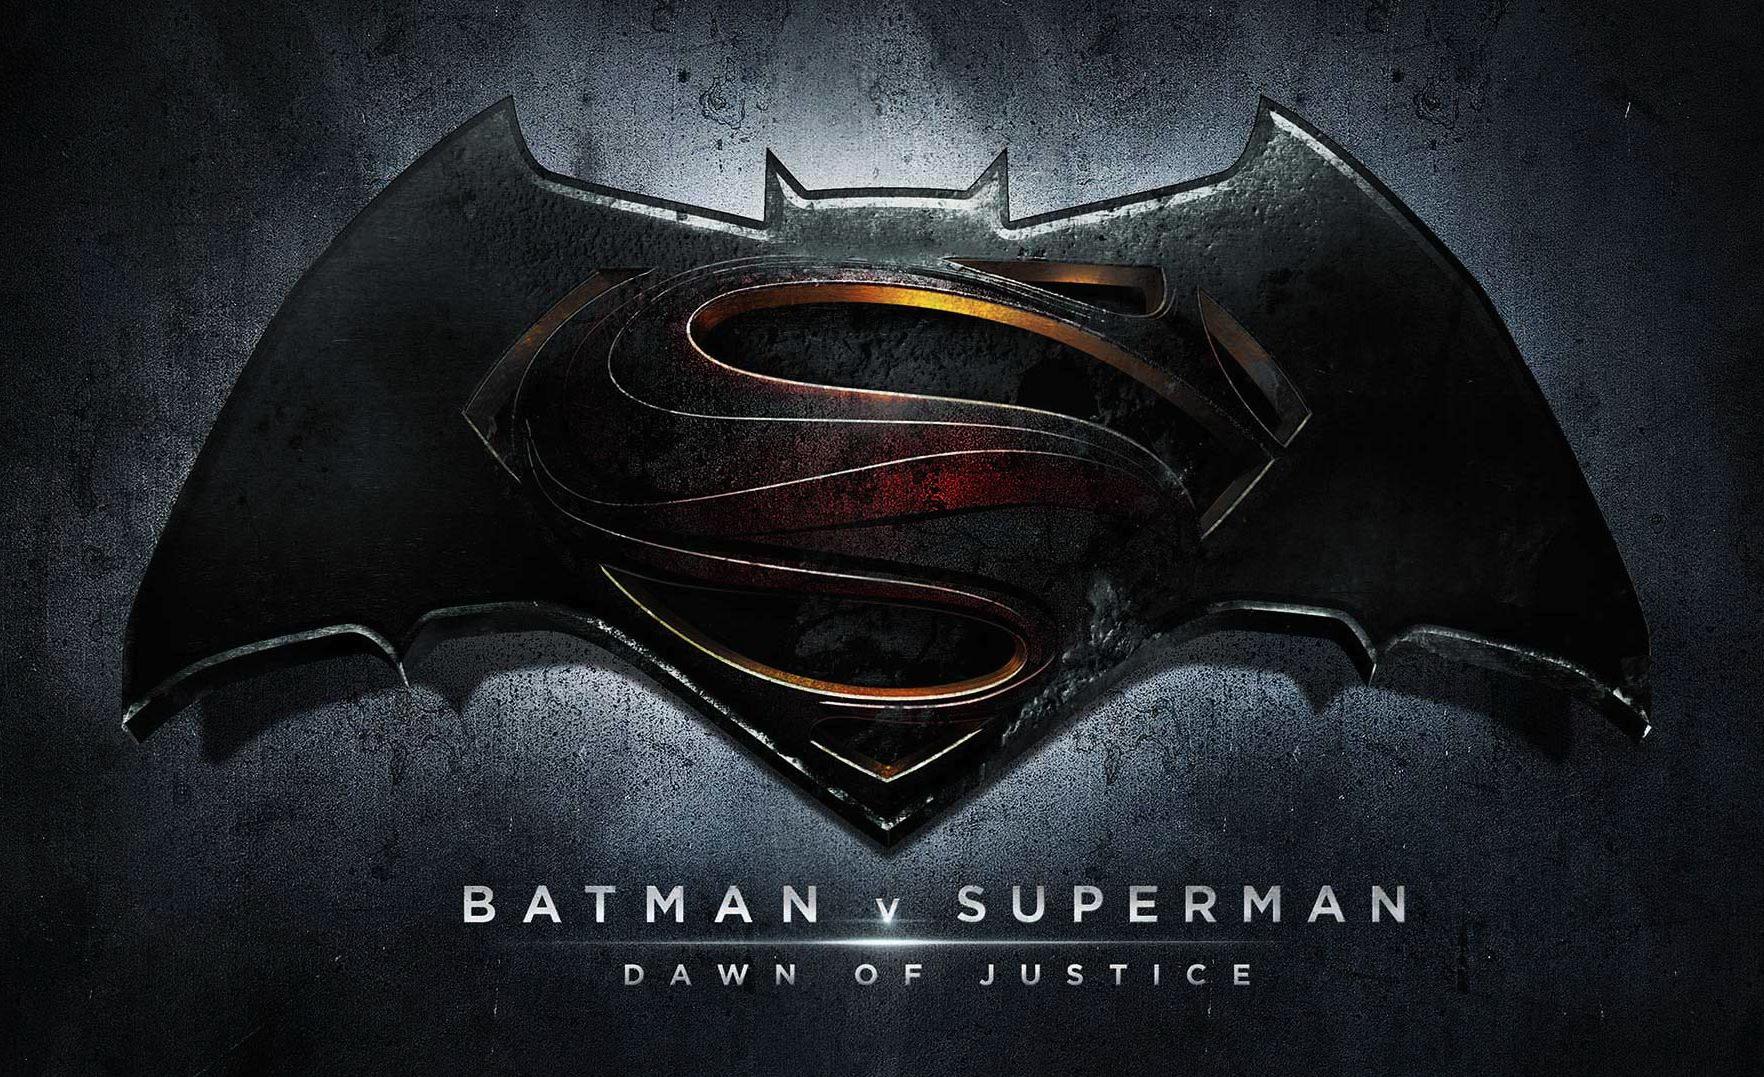 Batman v Superman : comment expliquer les critiques ?